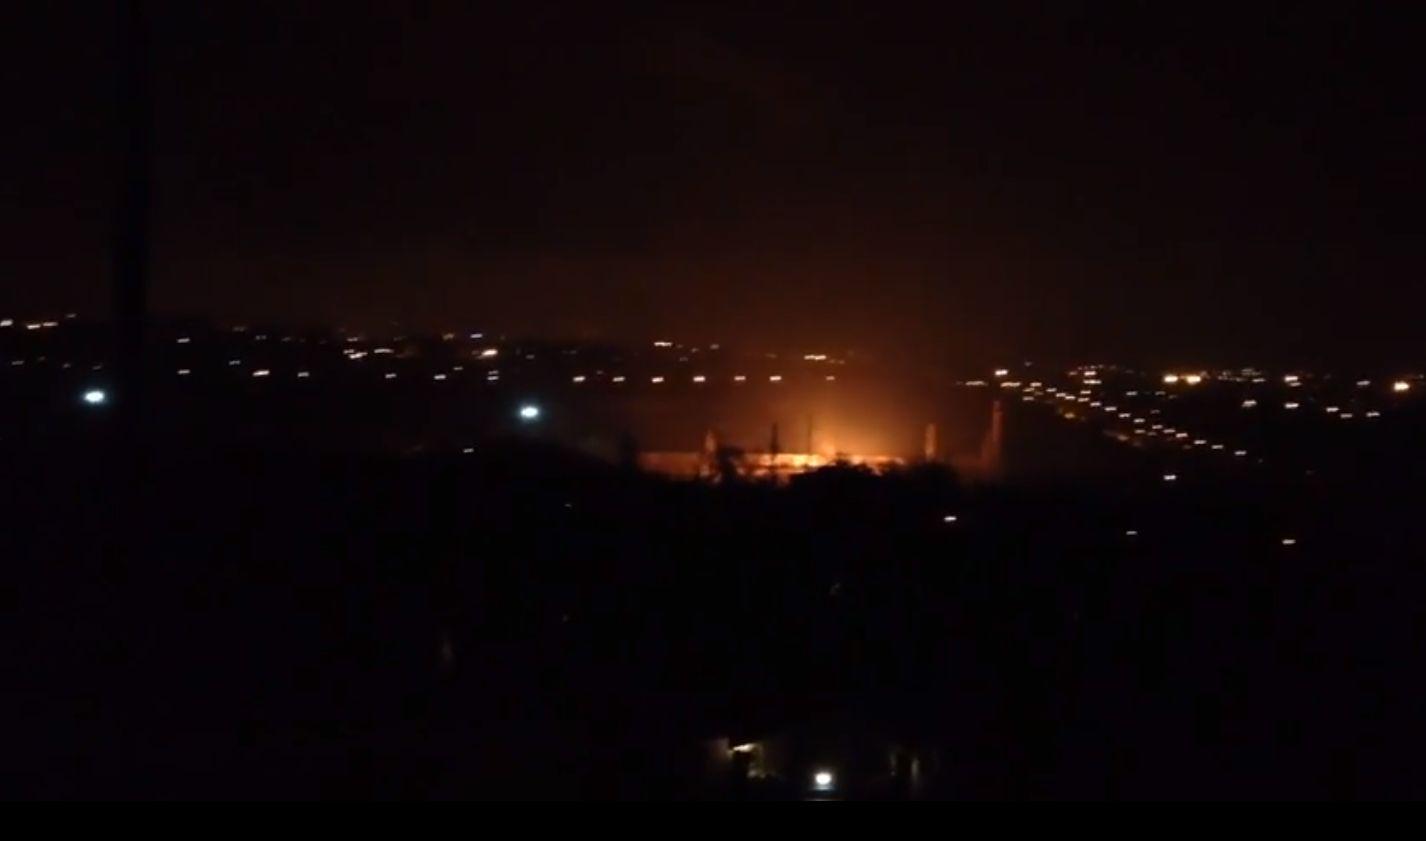 Подробности обстрела со стороны ВСУ Киевского района Донецка